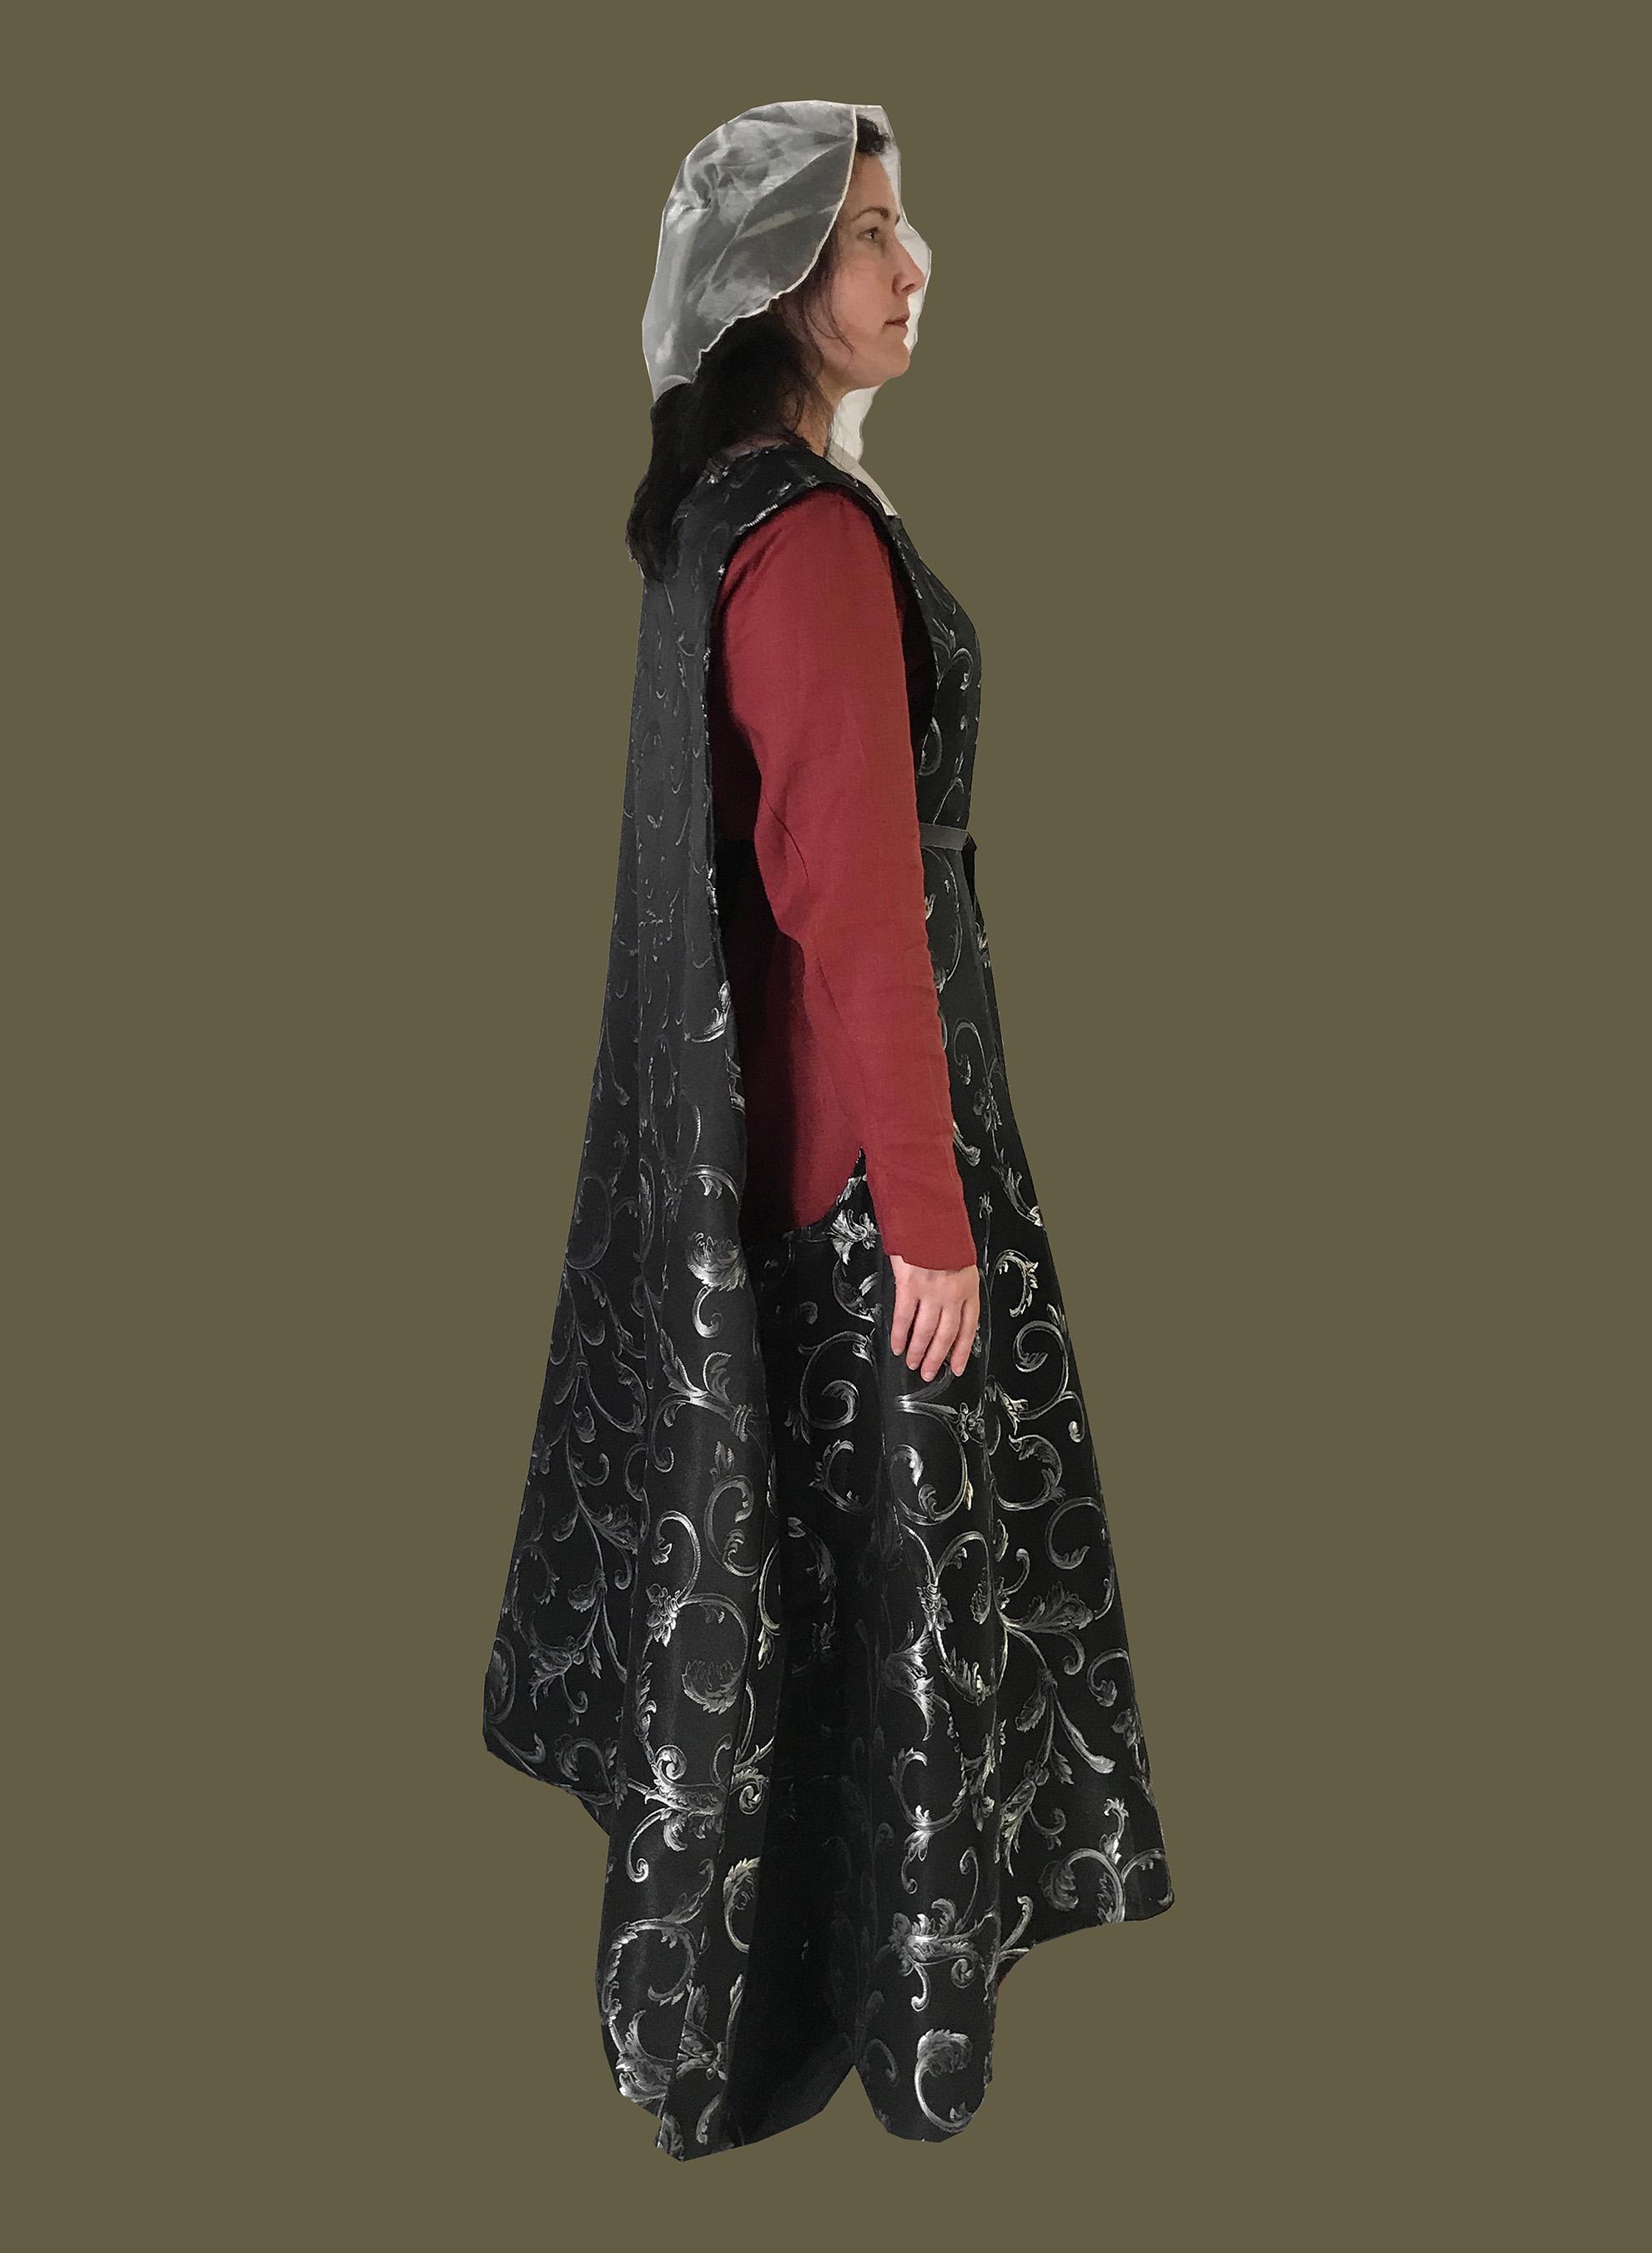 Women's Medieval Brocade Surcoat